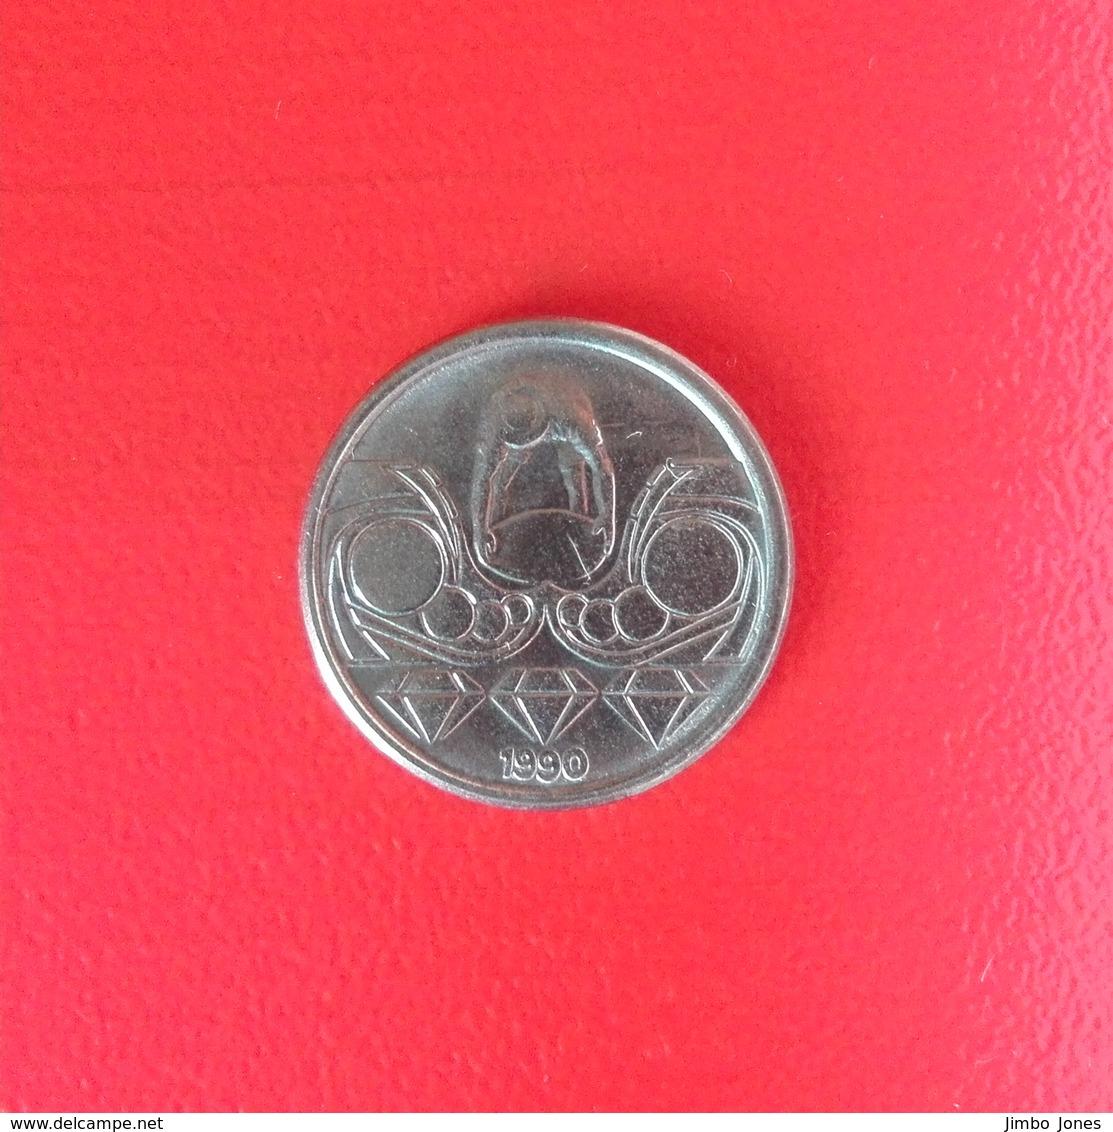 10 Centavos Münze Aus Brasilien Von 1990 (sehr Schön) - Brasilien